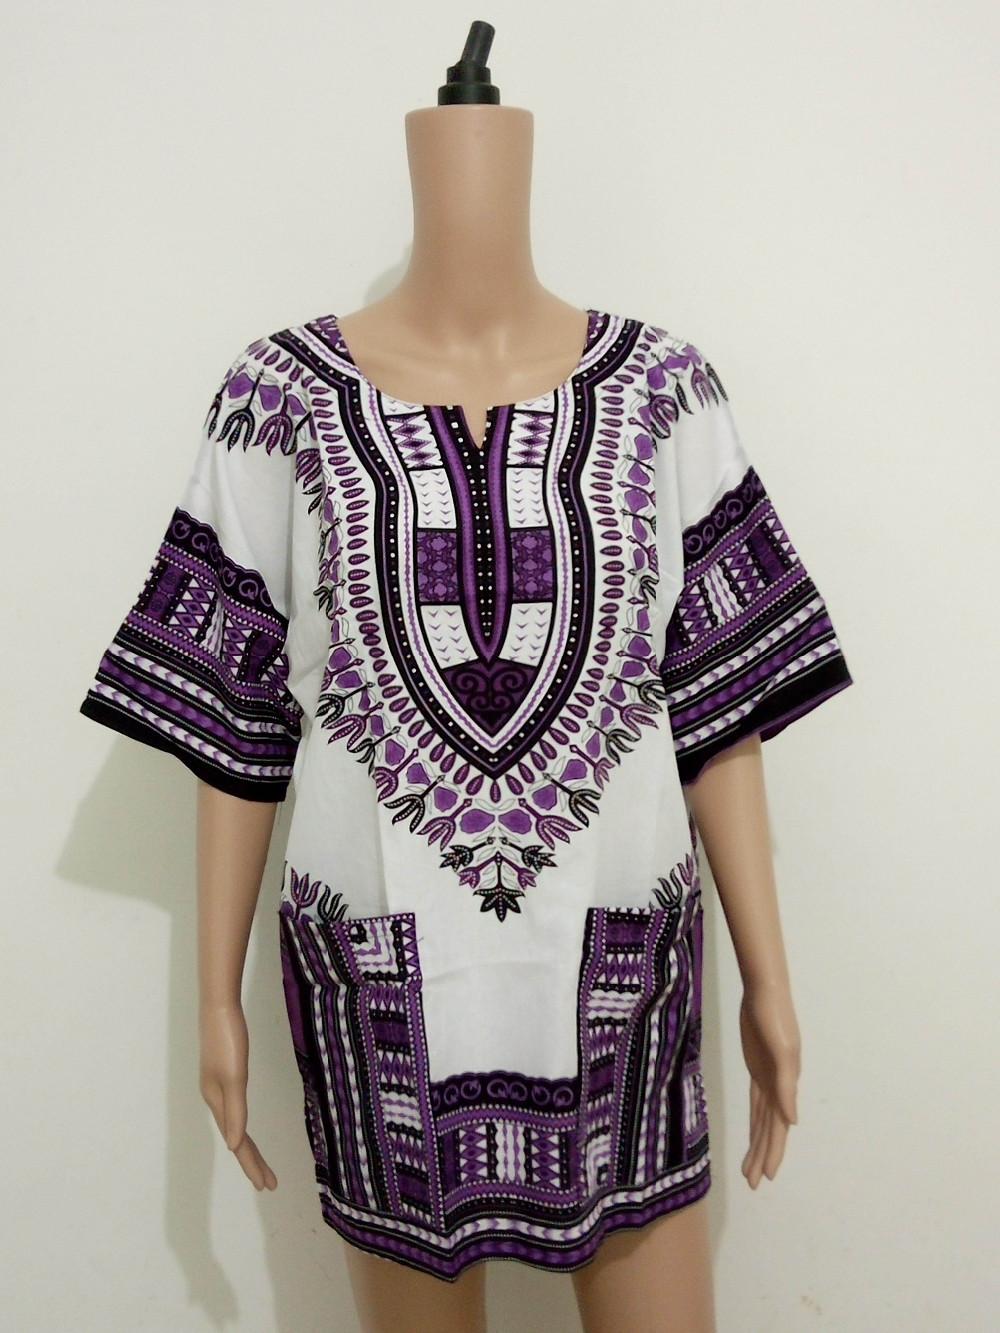 Cotton-Dashiki-Shirt-with-Pockets-21189-21189-1